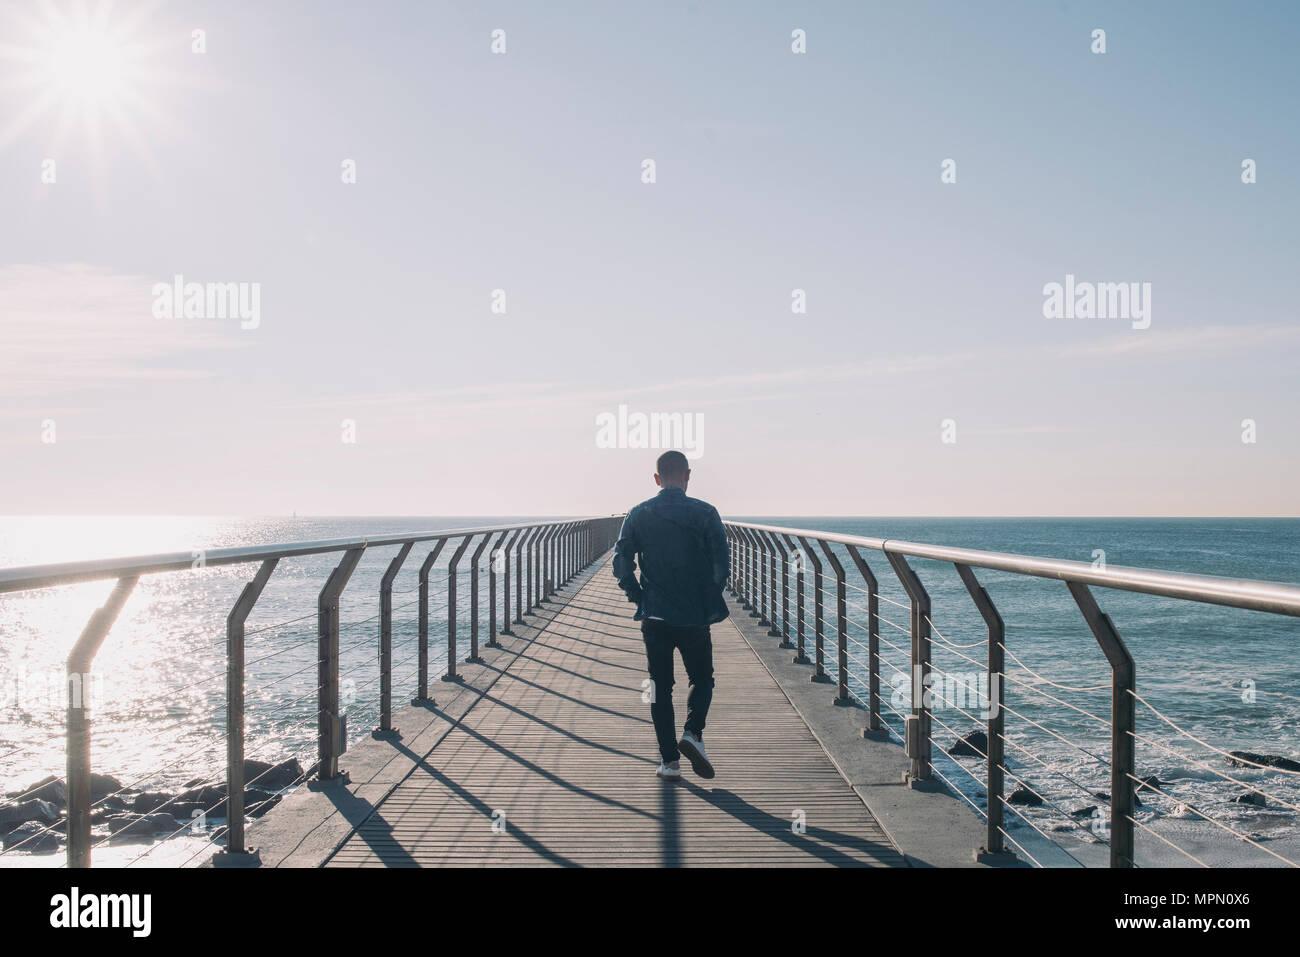 Vista posteriore di uomo a camminare sul lungomare a retroilluminazione Immagini Stock